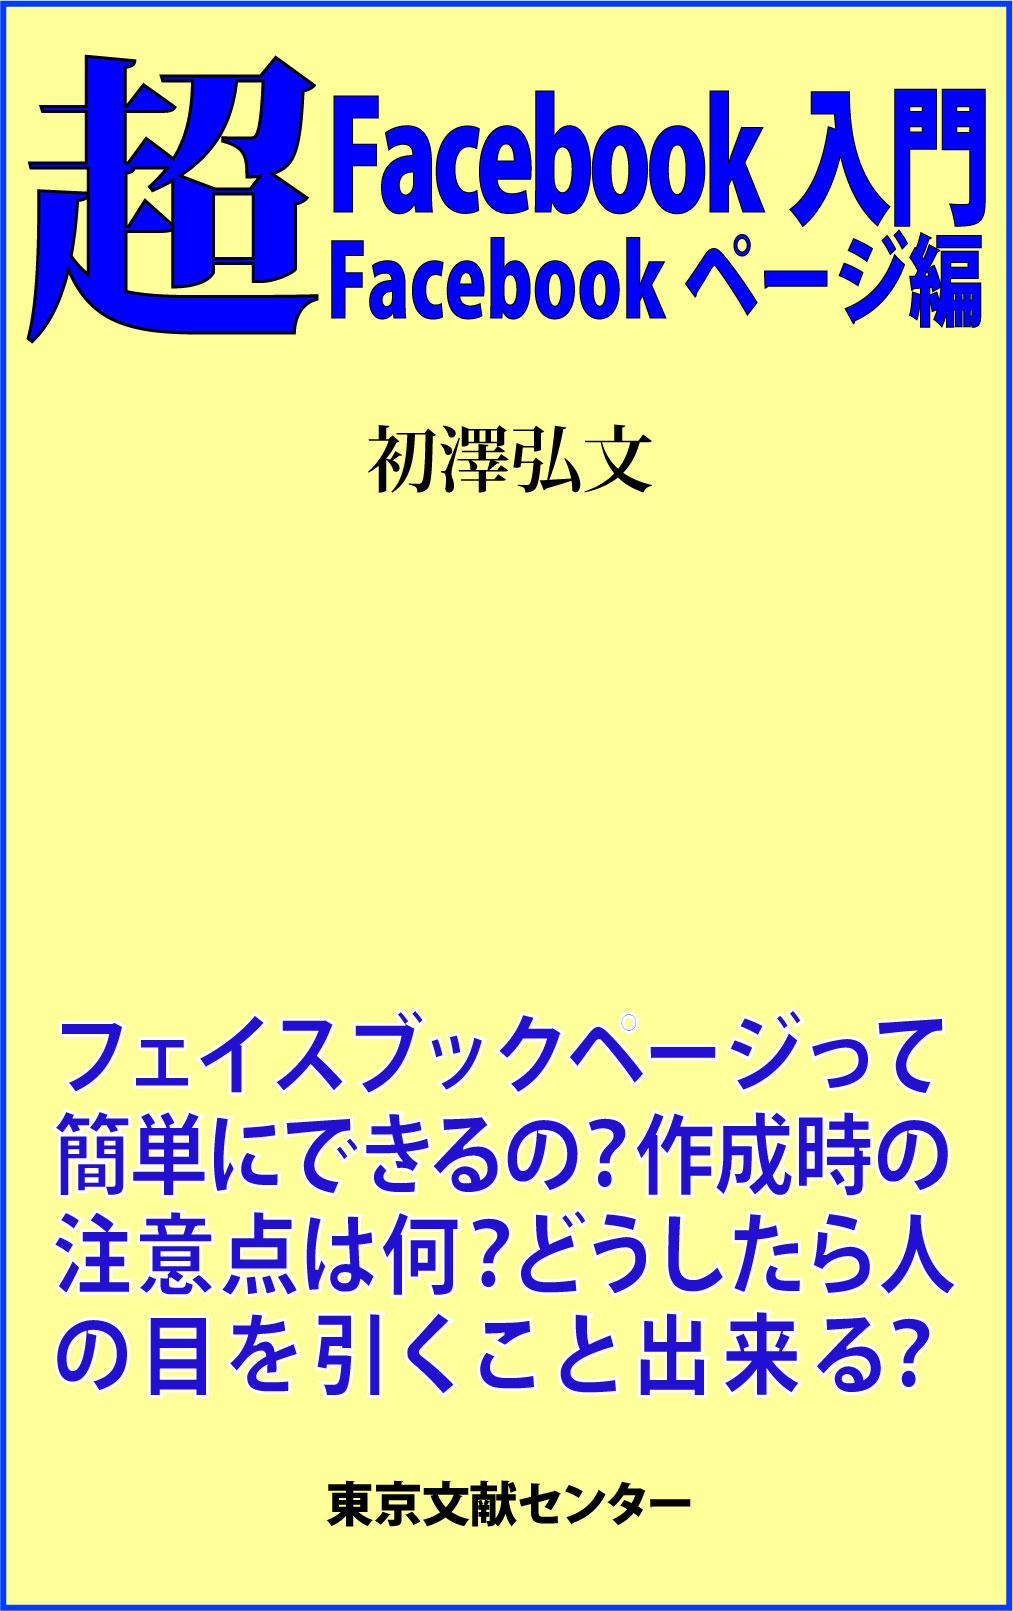 超フェイスブック入門-フェイスブックページ編